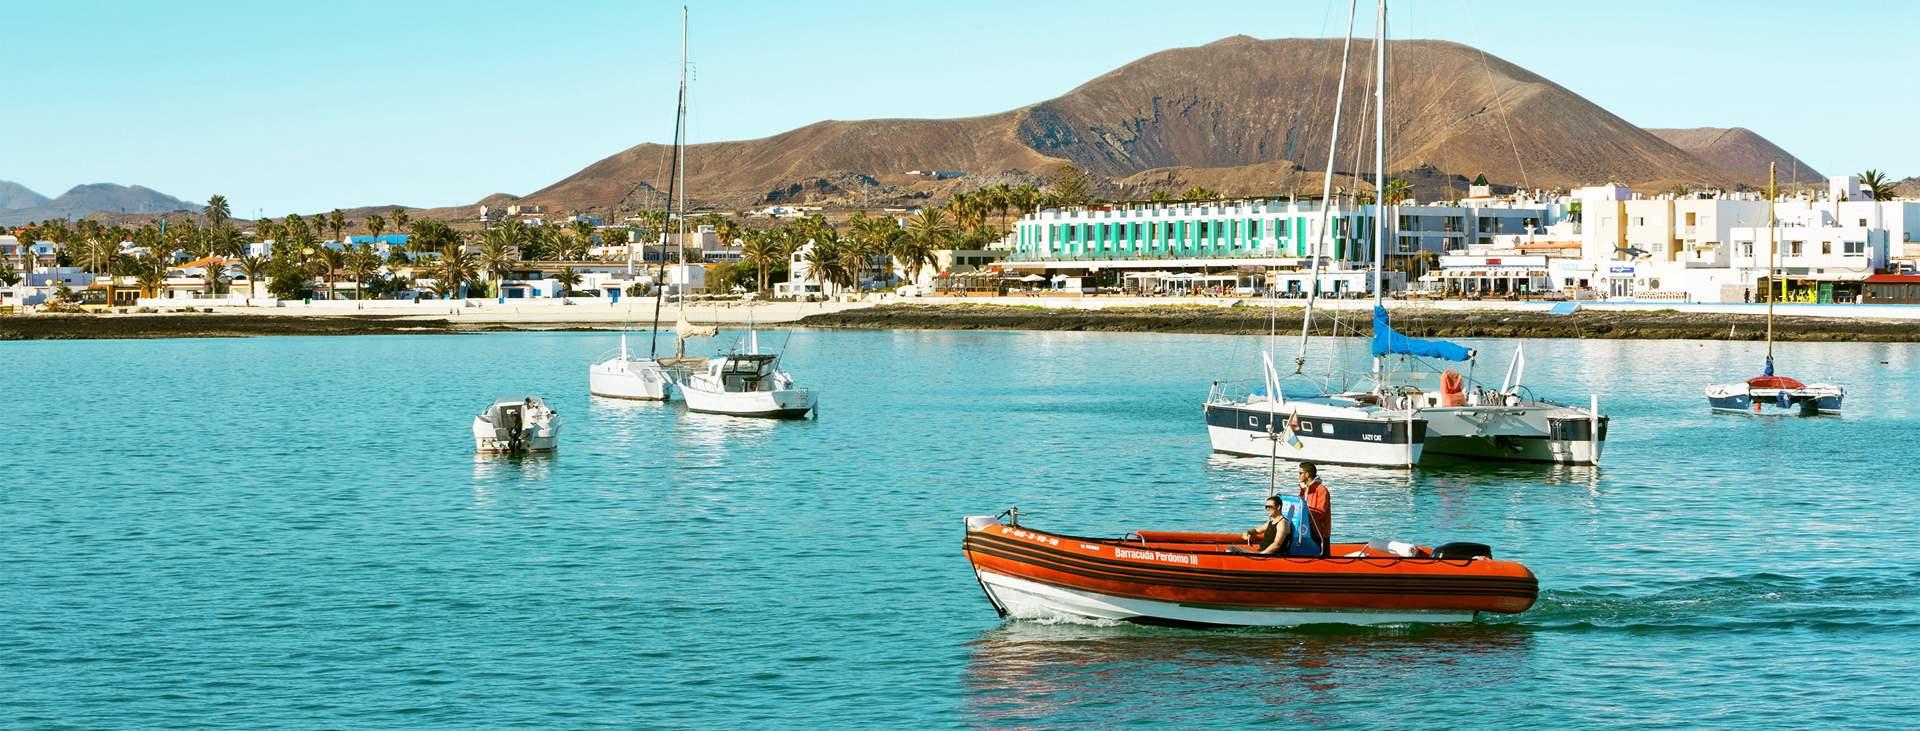 Varaa oma All Inclusive -matkasi Corralejoon, Fuerteventuralle